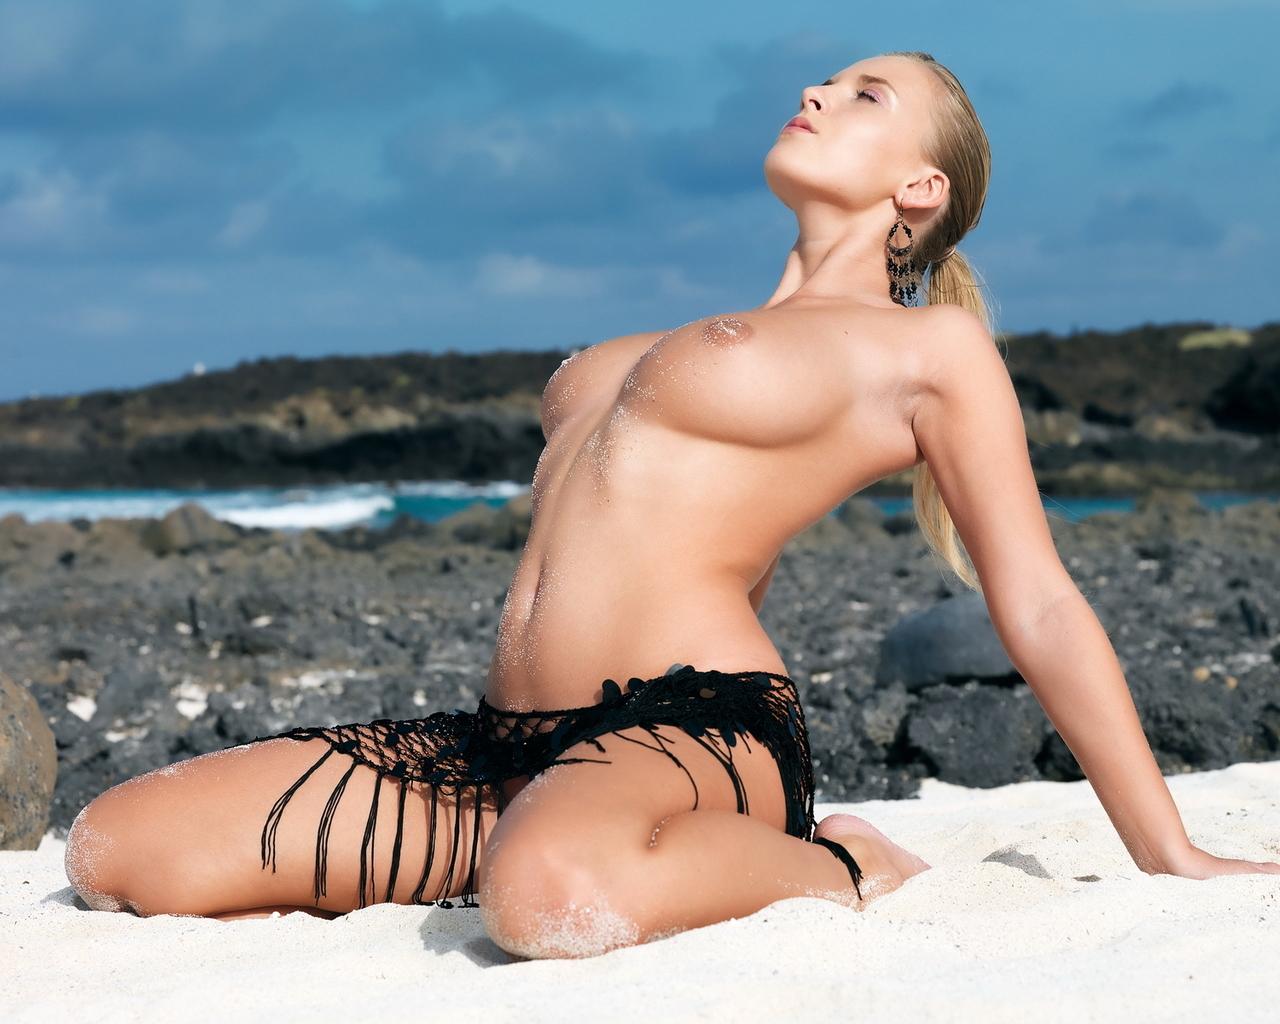 Большегрудая богиня на берегу моря